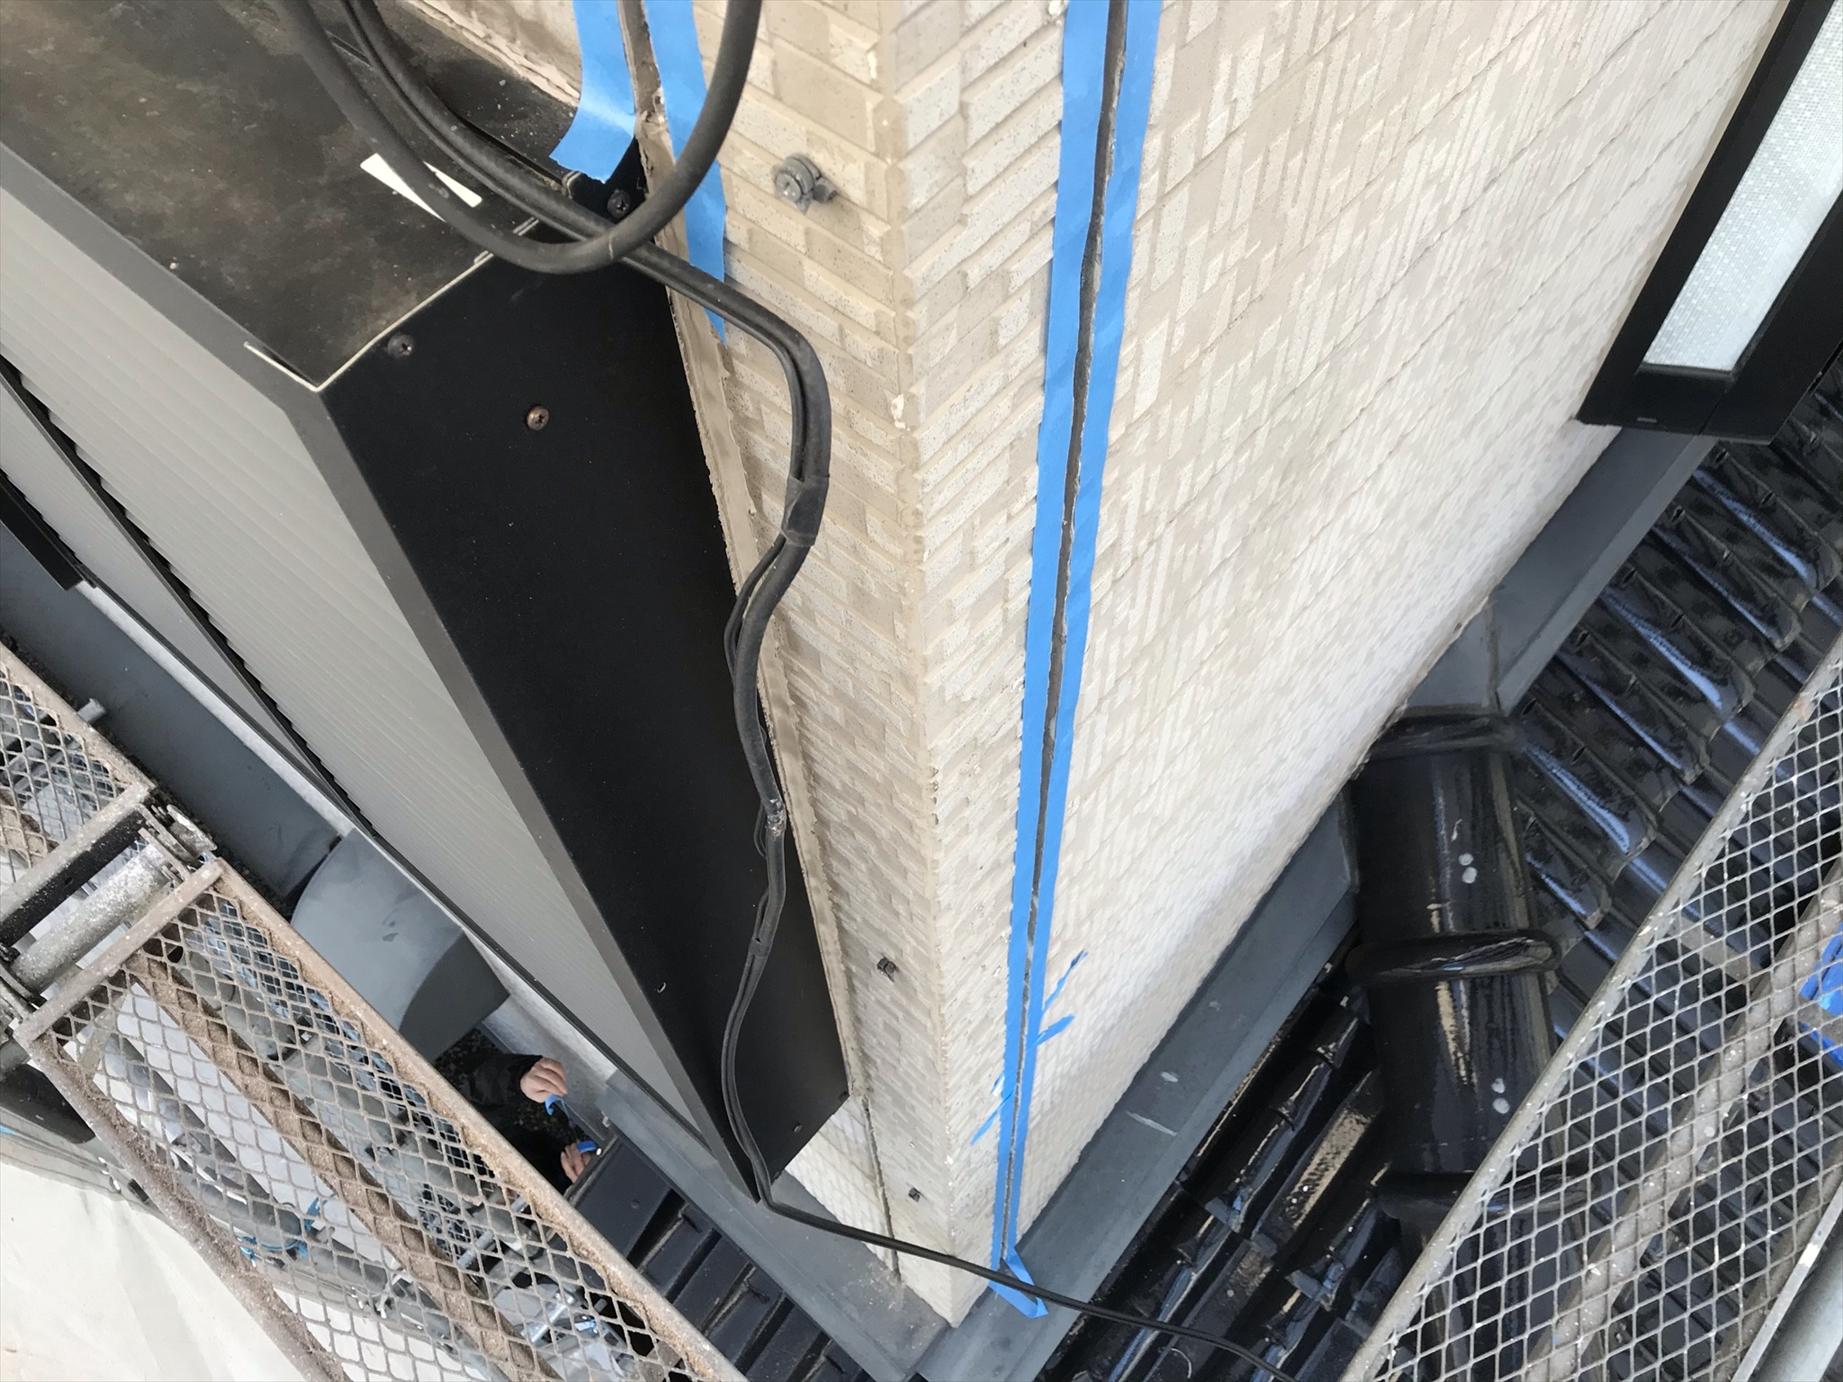 上尾市サイディング外壁の目地既存シーリング材撤去し養生